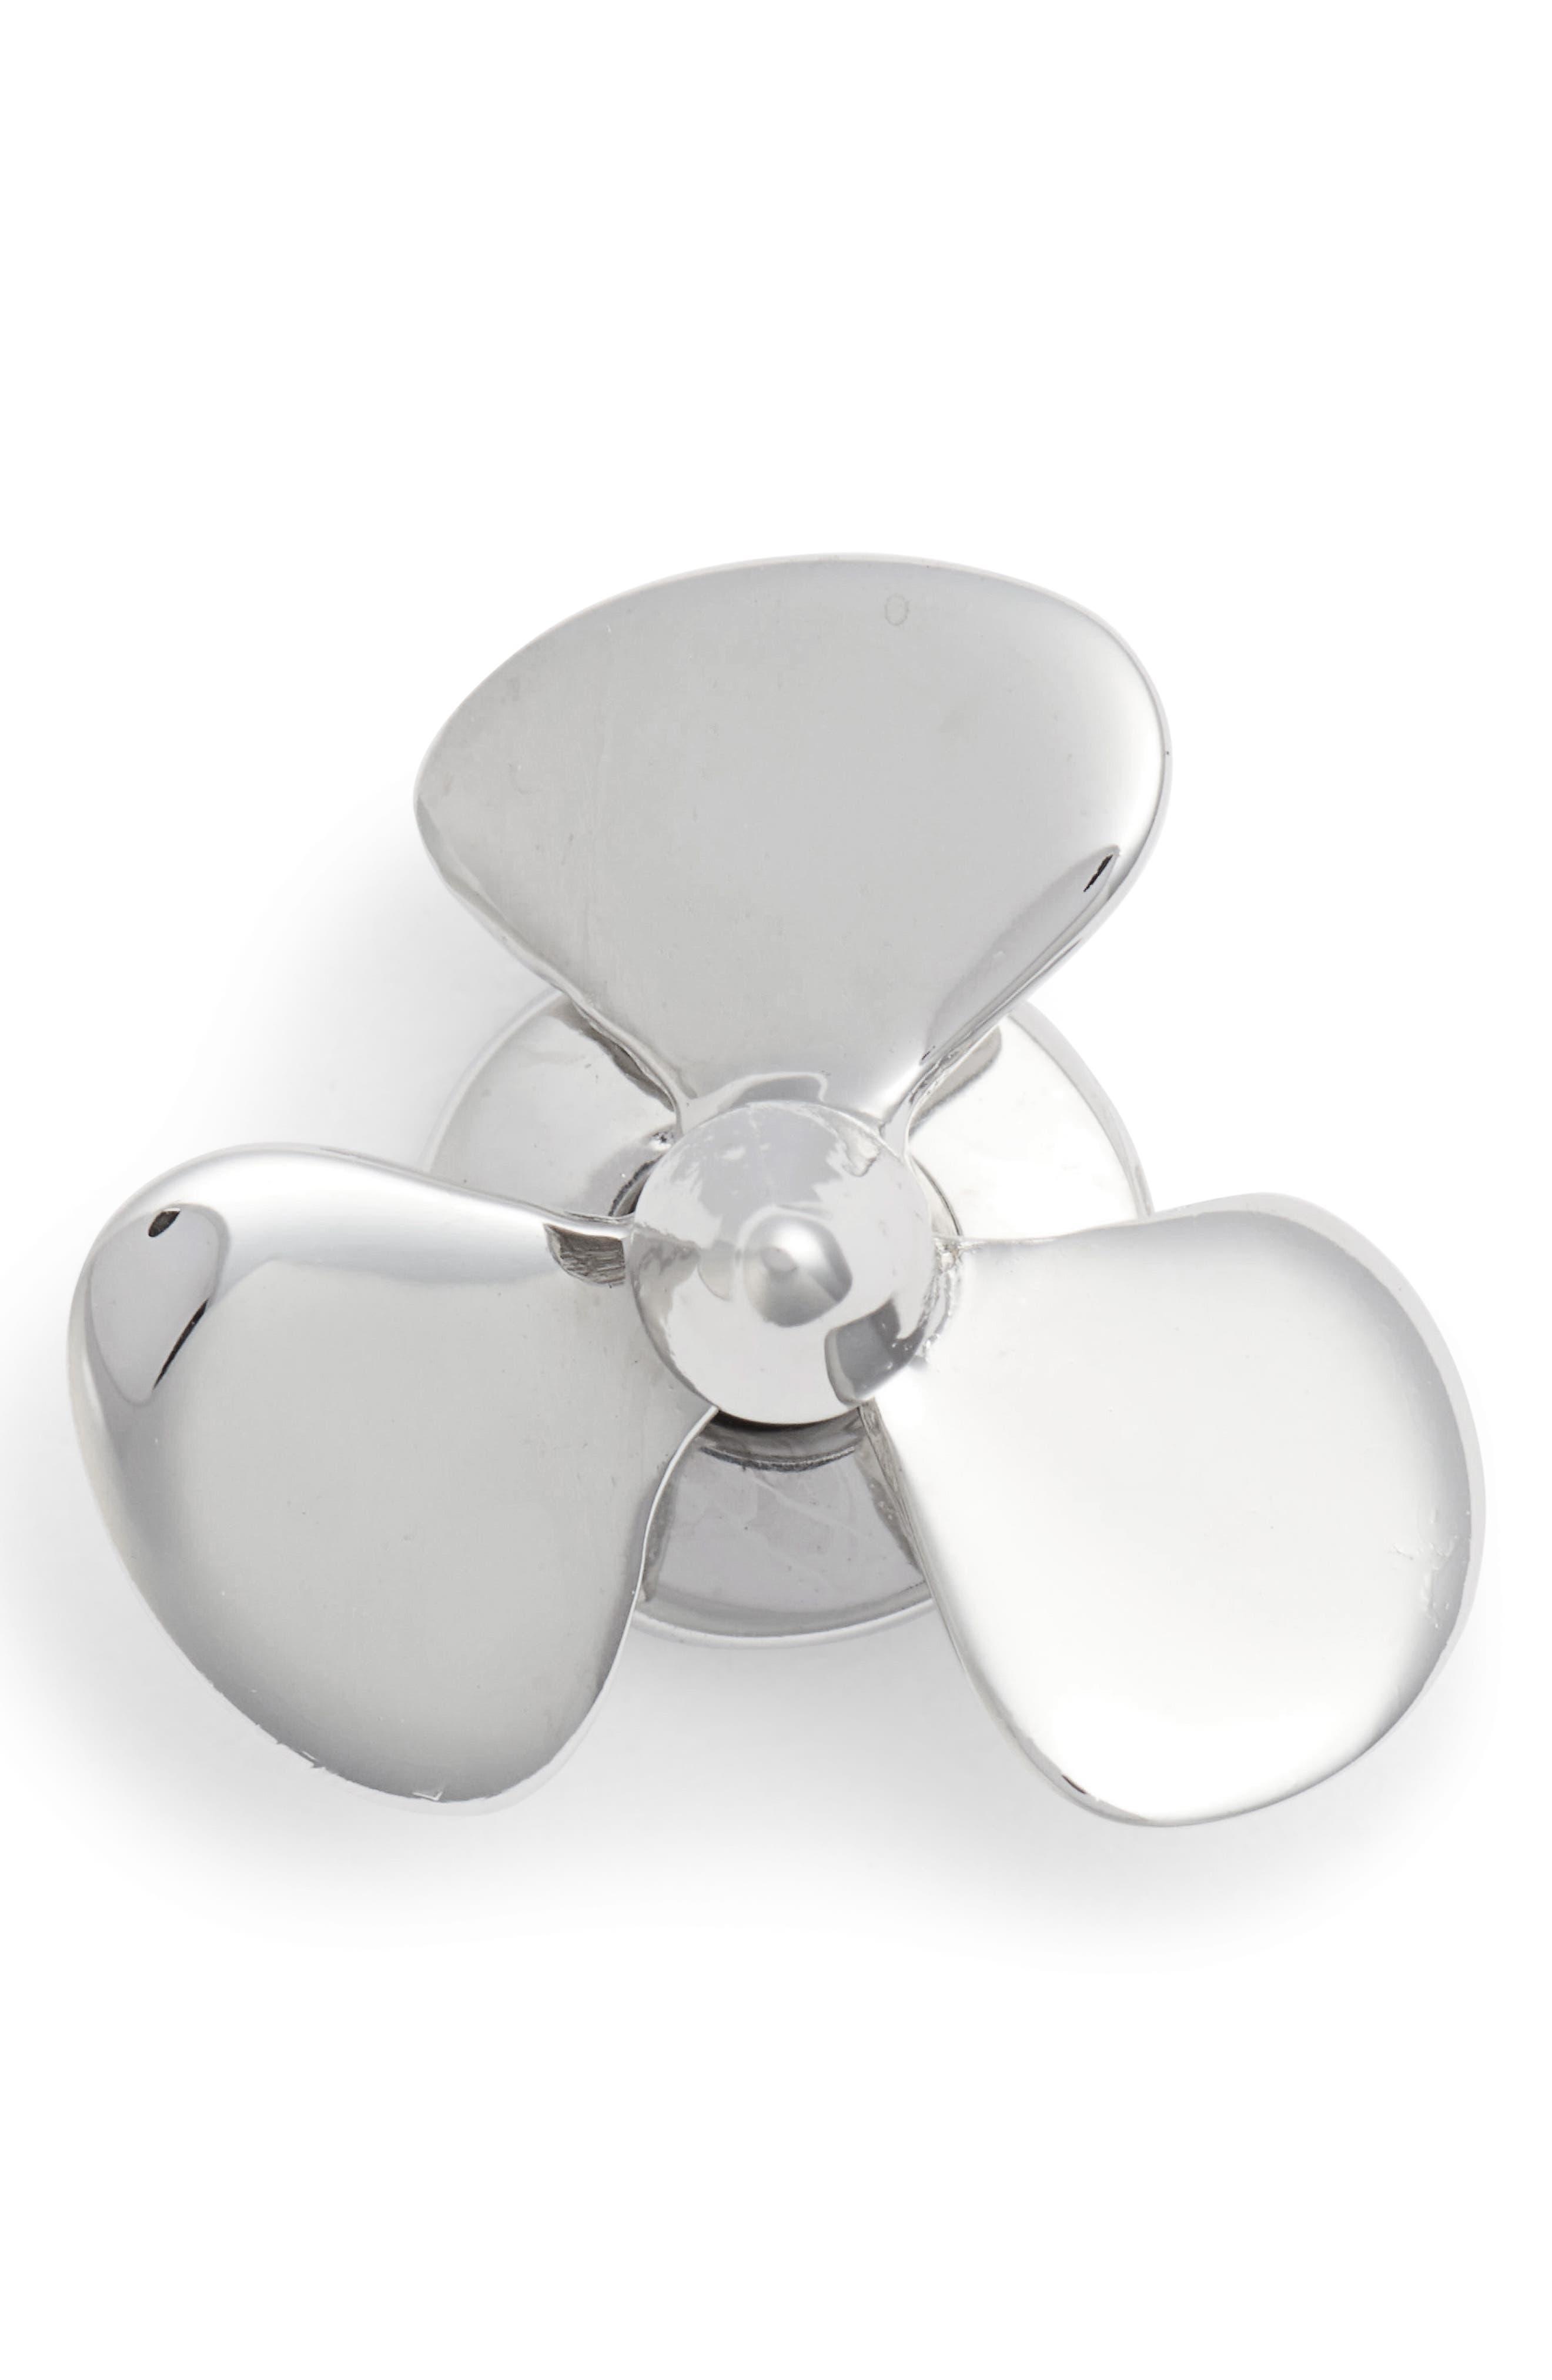 David Donahue Propeller Lapel Pin